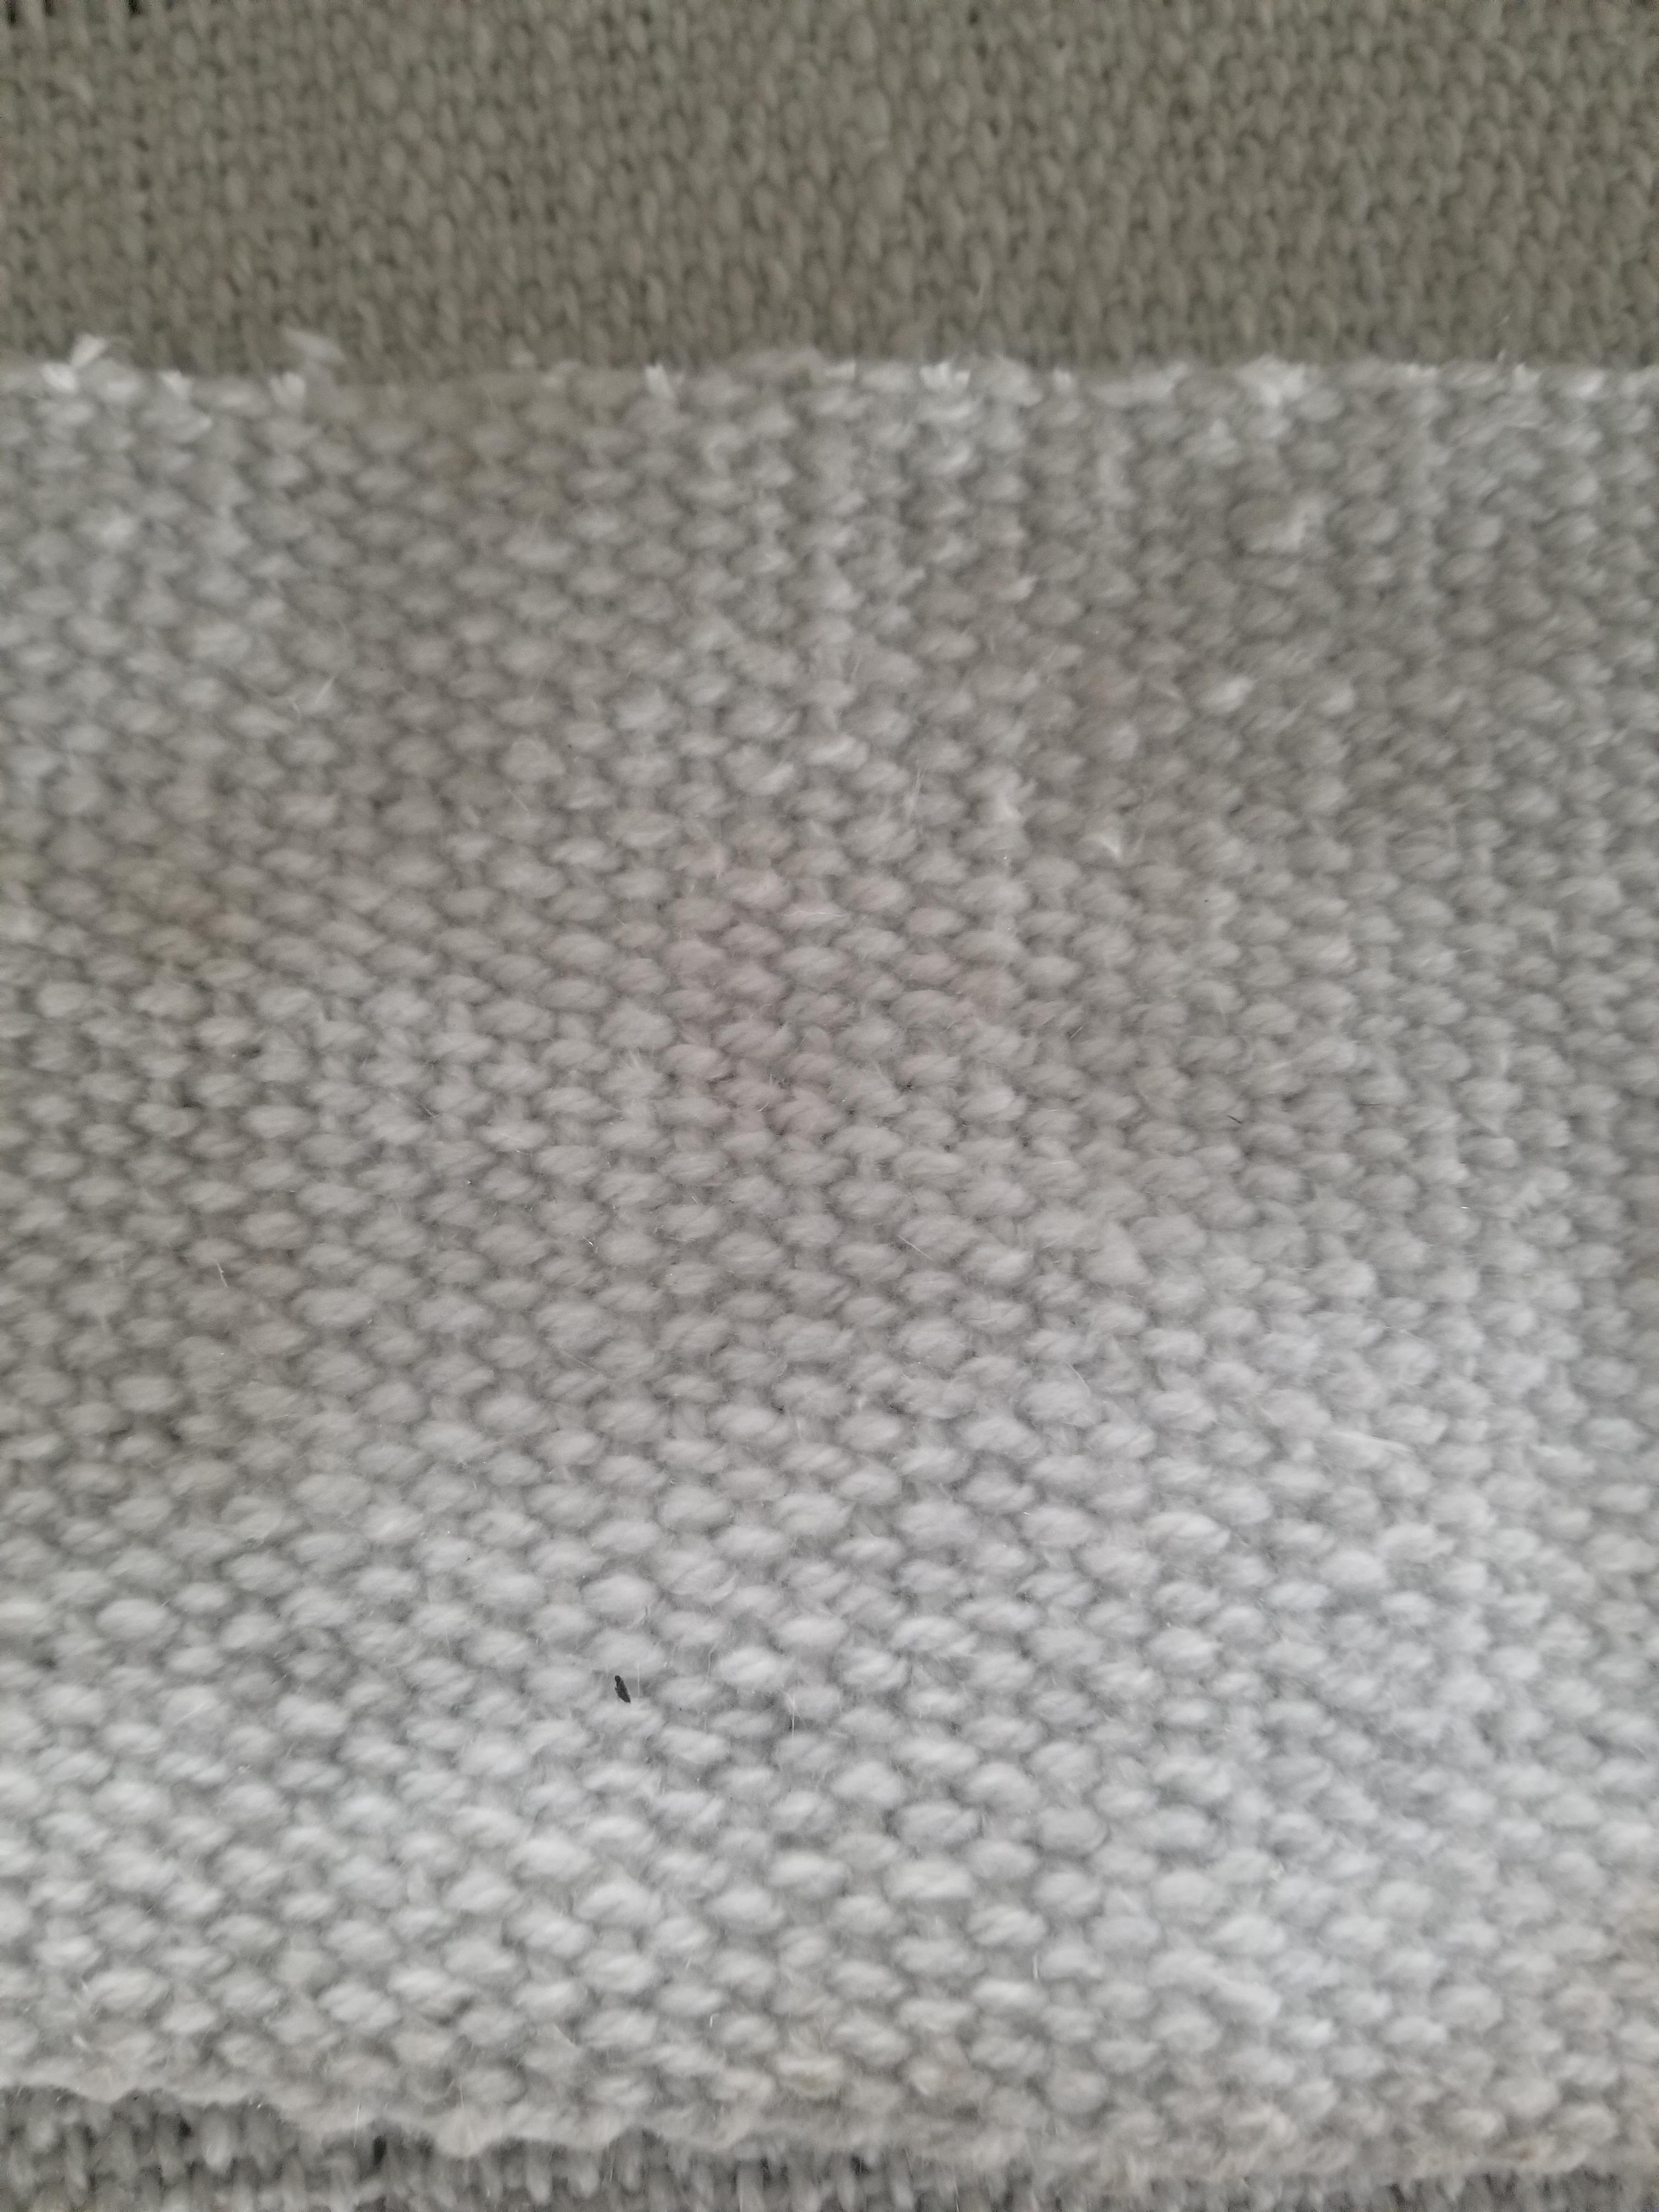 陶瓷纤维布 耐高温陶瓷纤维布 陶瓷纤维布生产厂家